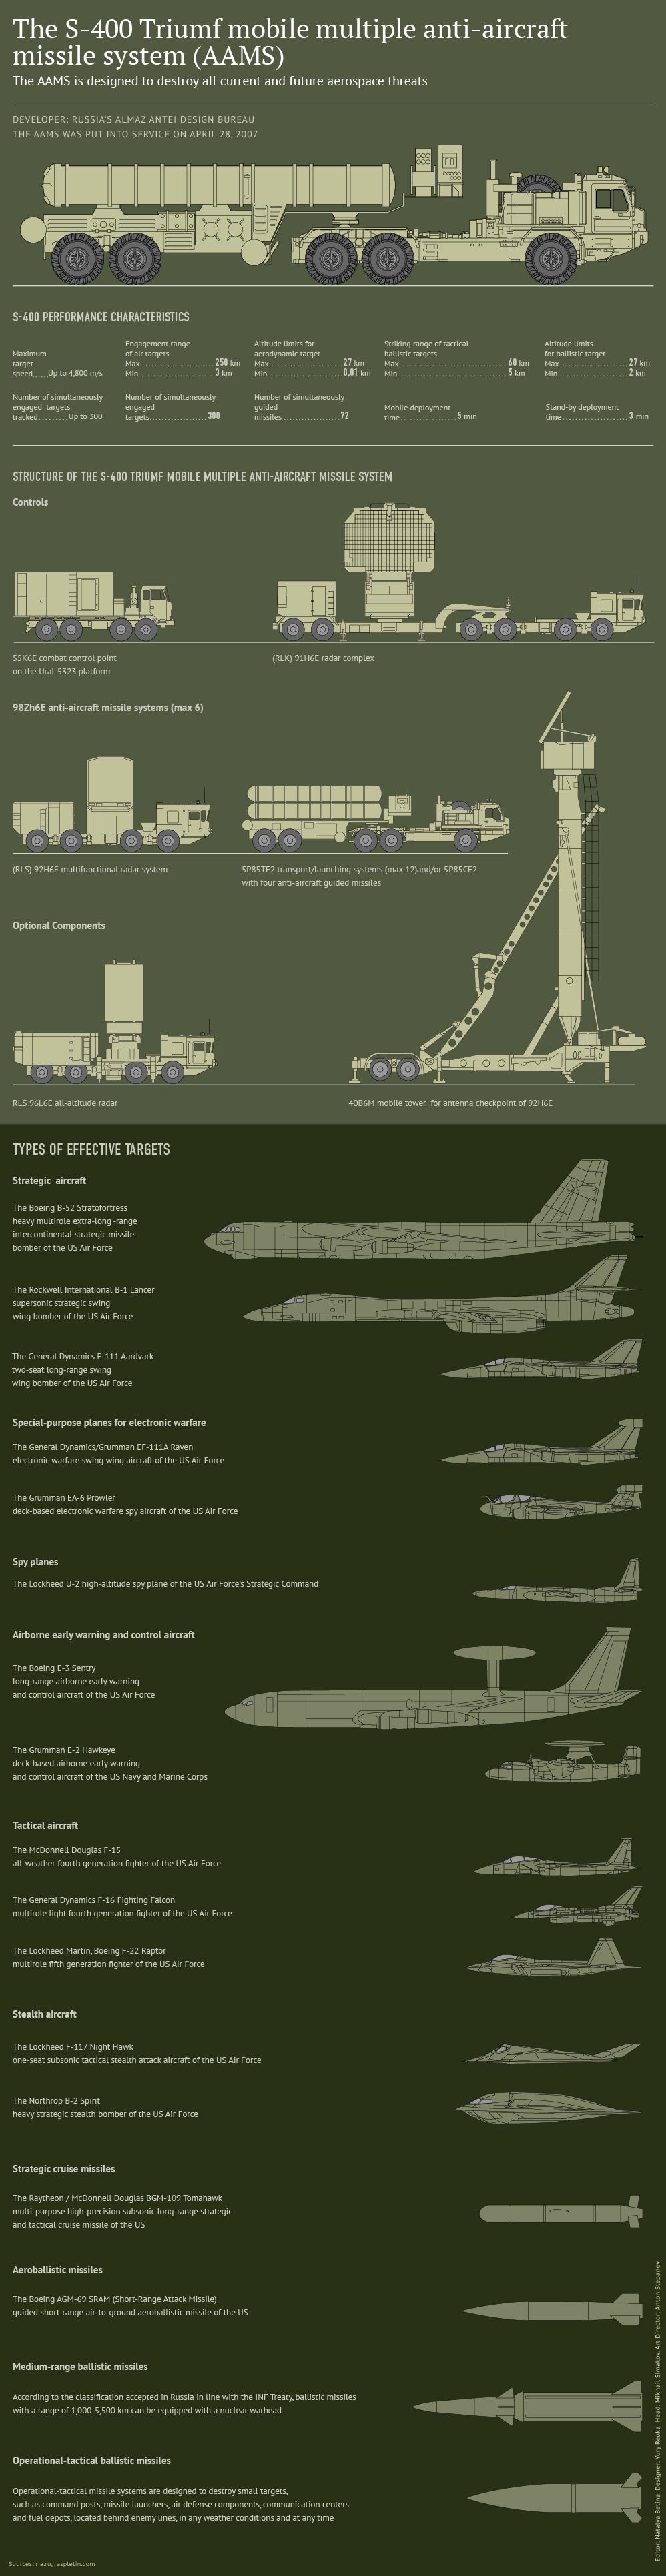 Γραφική ανάλυση των S-400